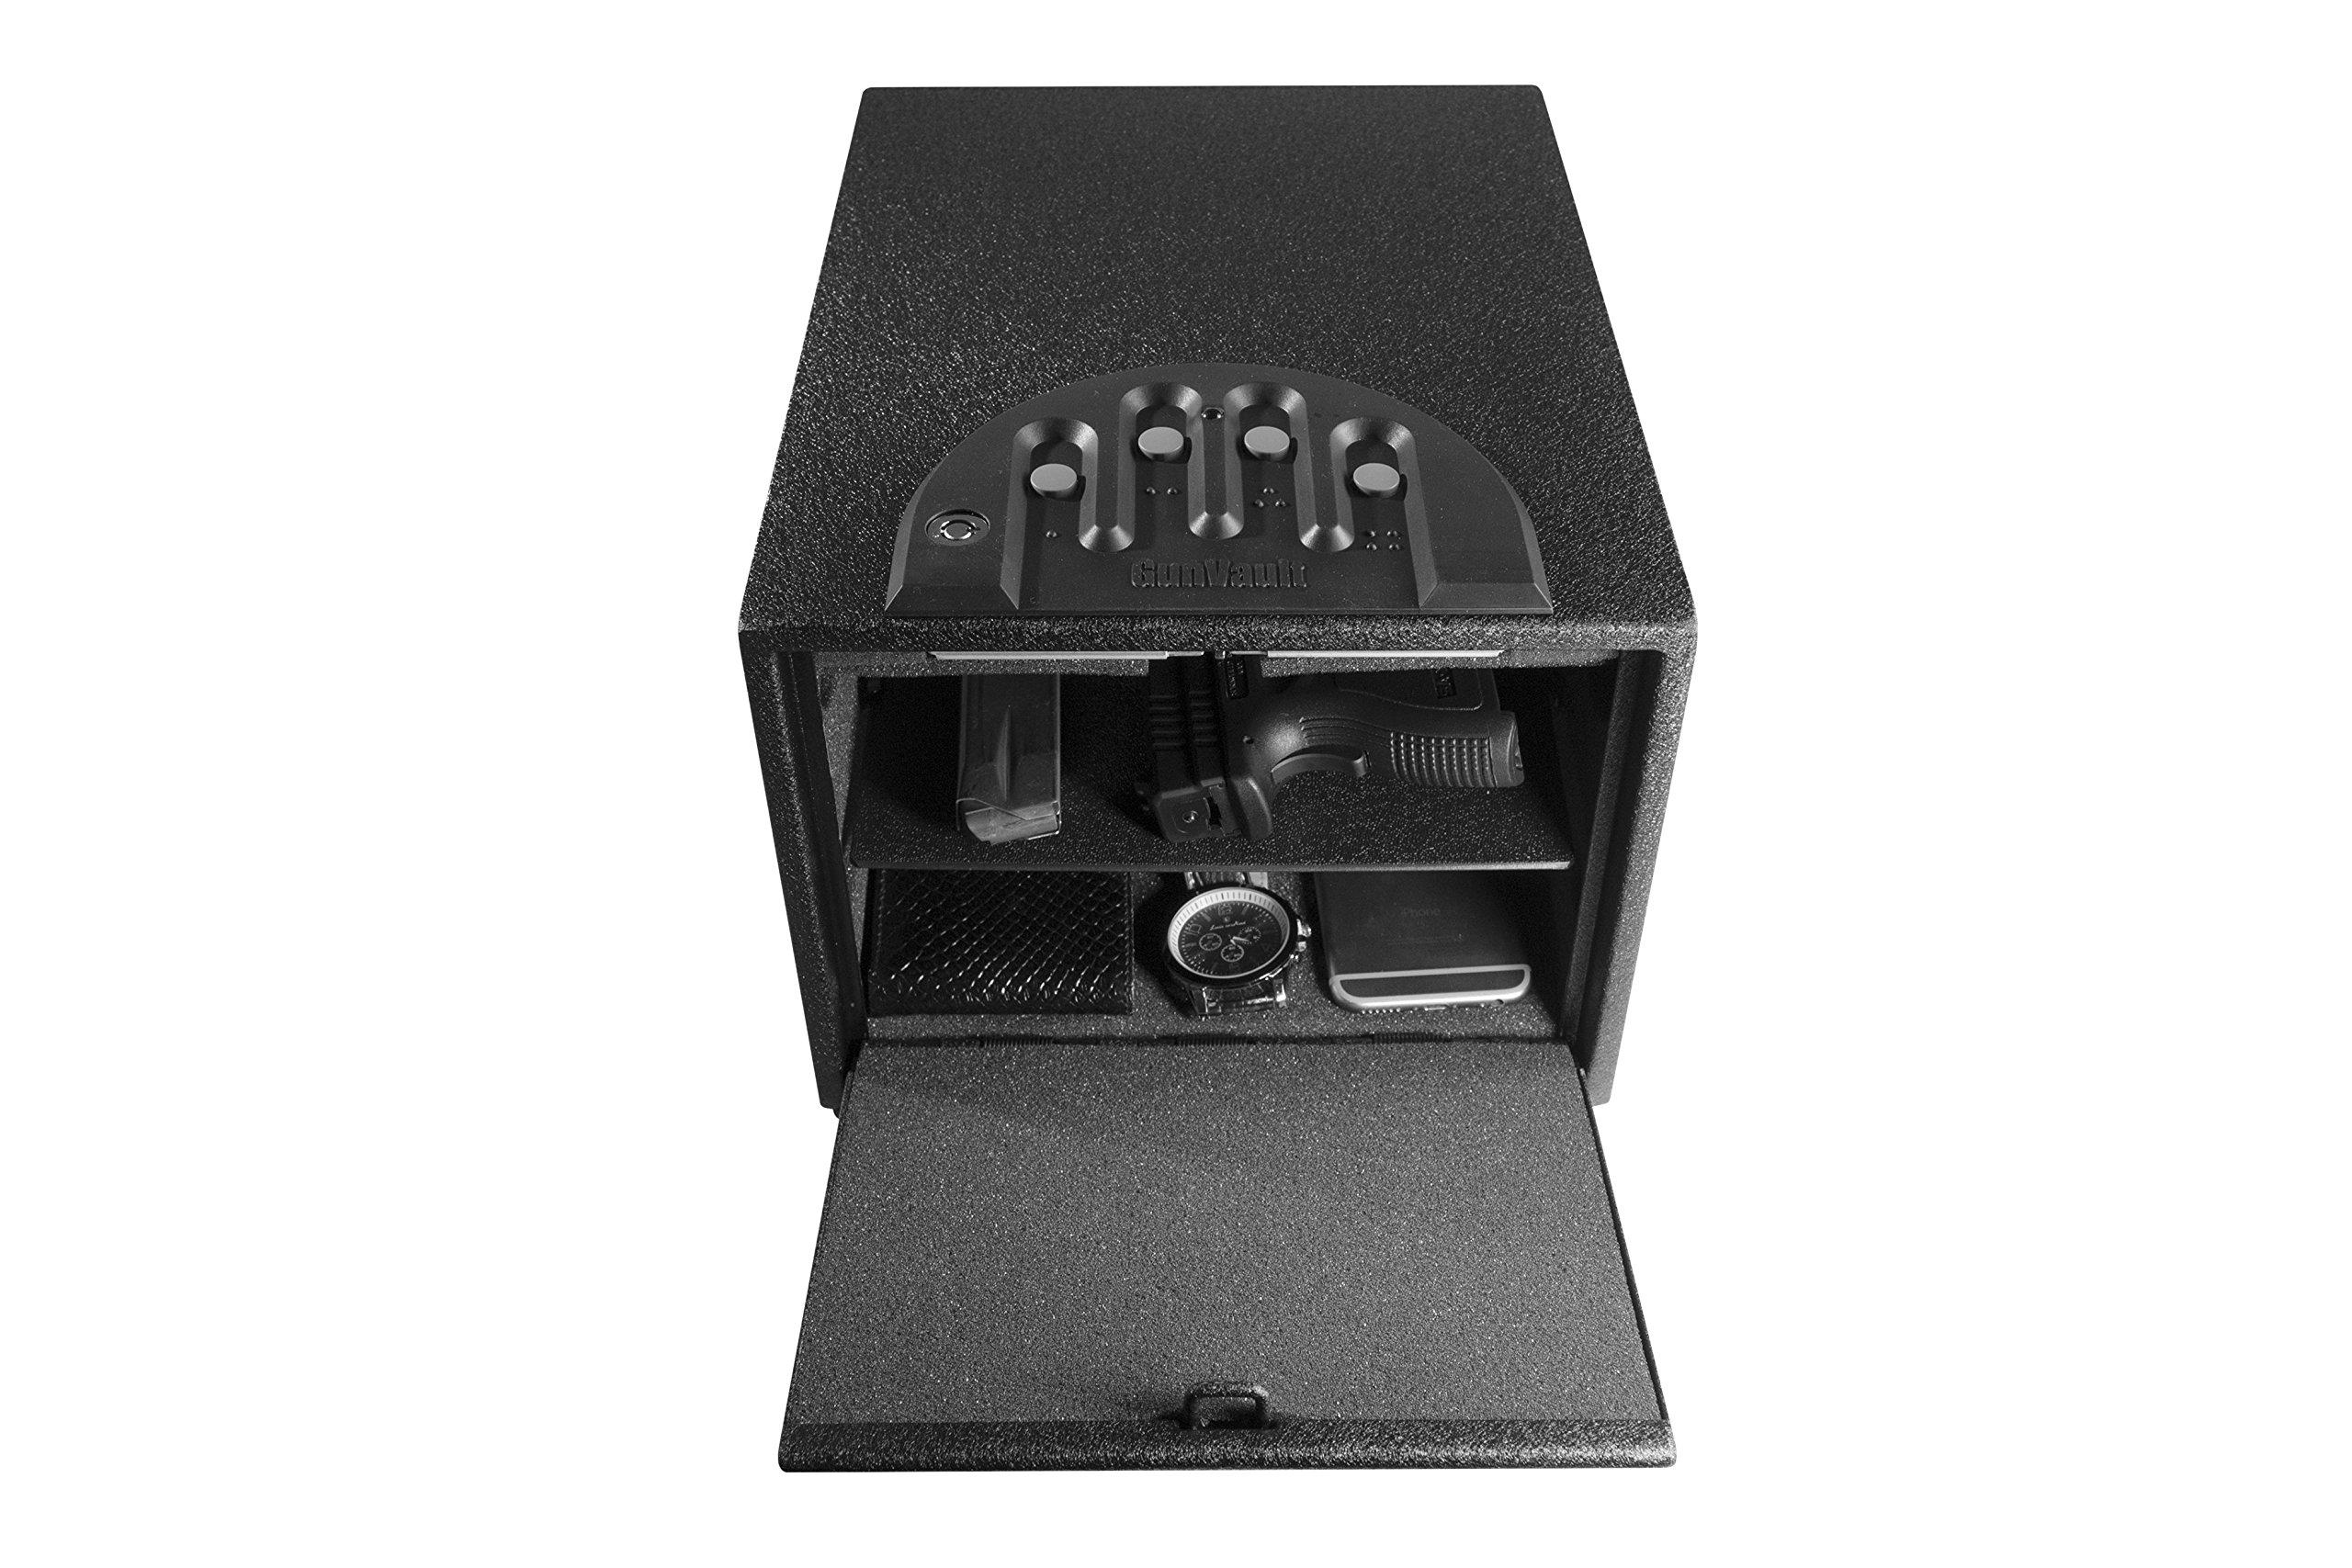 GunVault Multivault Standard Digital Pistol Safe GV2000C-STD by GunVault